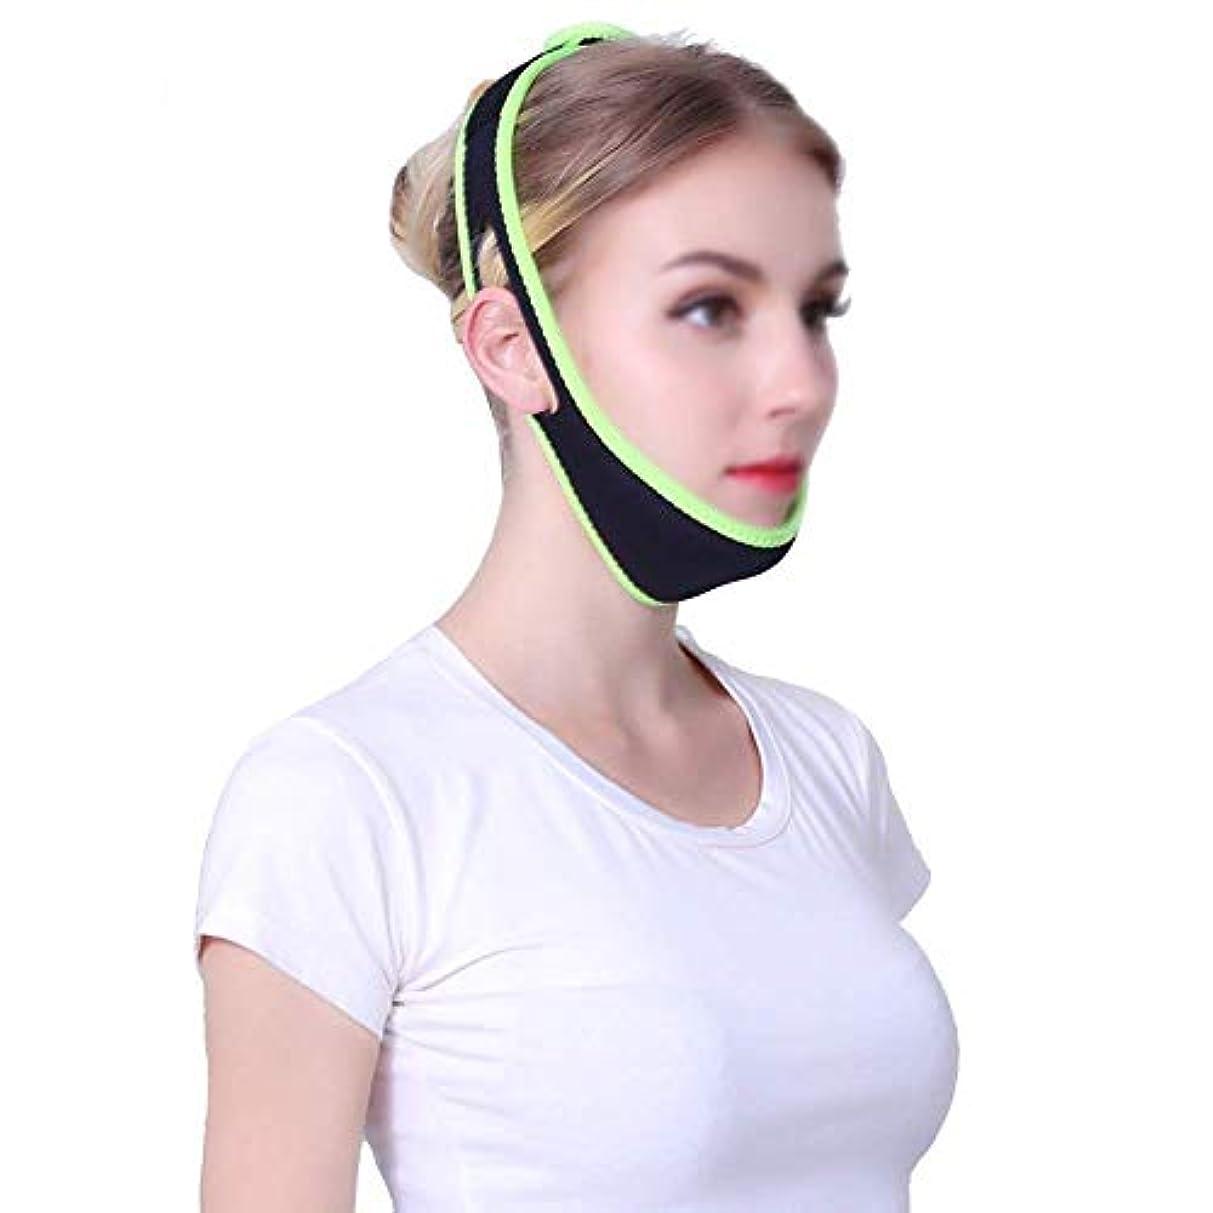 異常致命的知る引き締めフェイスマスク、小さなVフェイスアーティファクト睡眠リフティングマスク付き薄型フェイスバンデージマスク引き締めクリームフェイスリフトフェイスメロンフェイス楽器